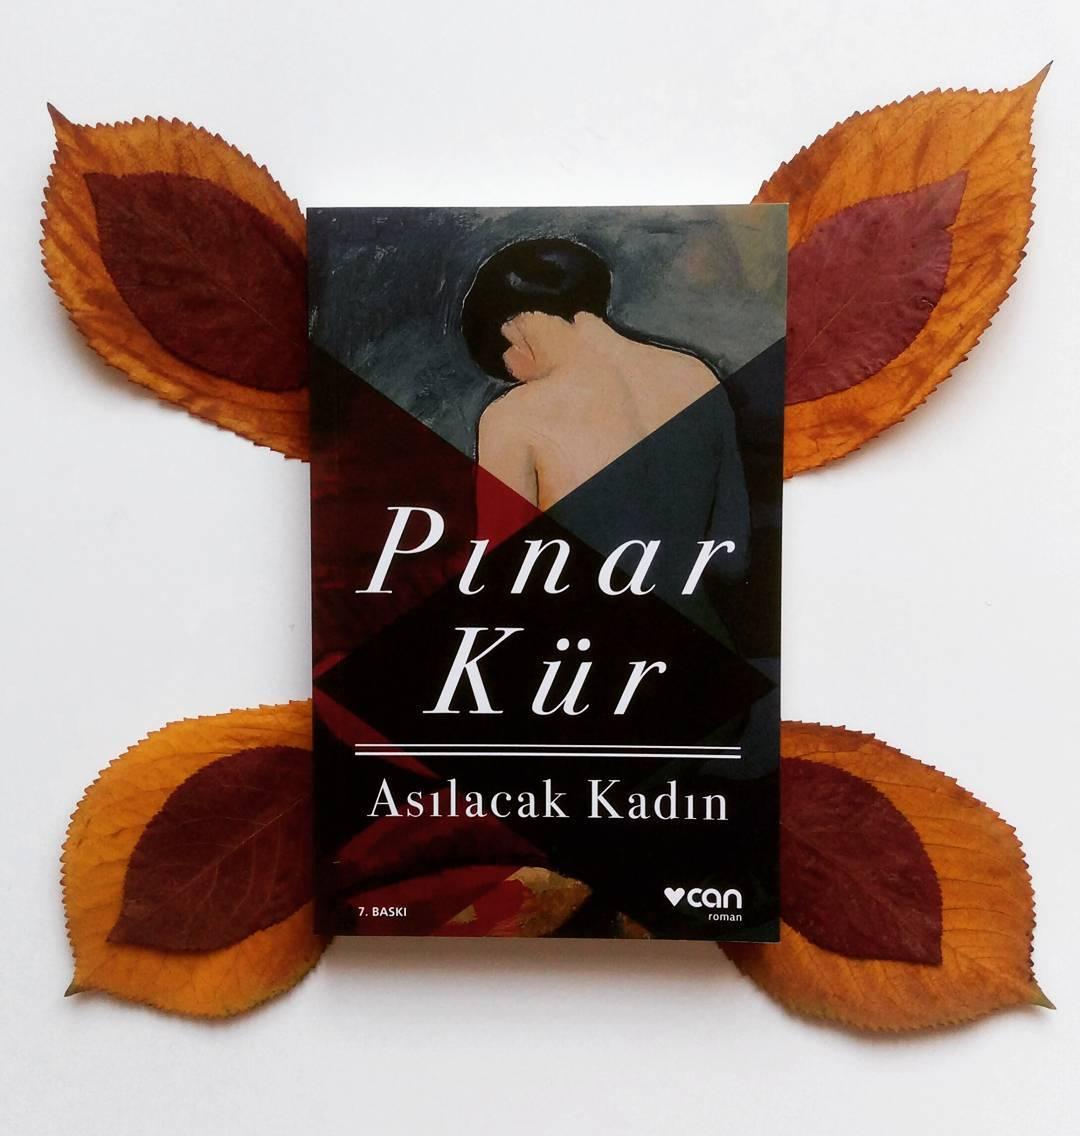 Asılacak Kadın - Pınar Kür